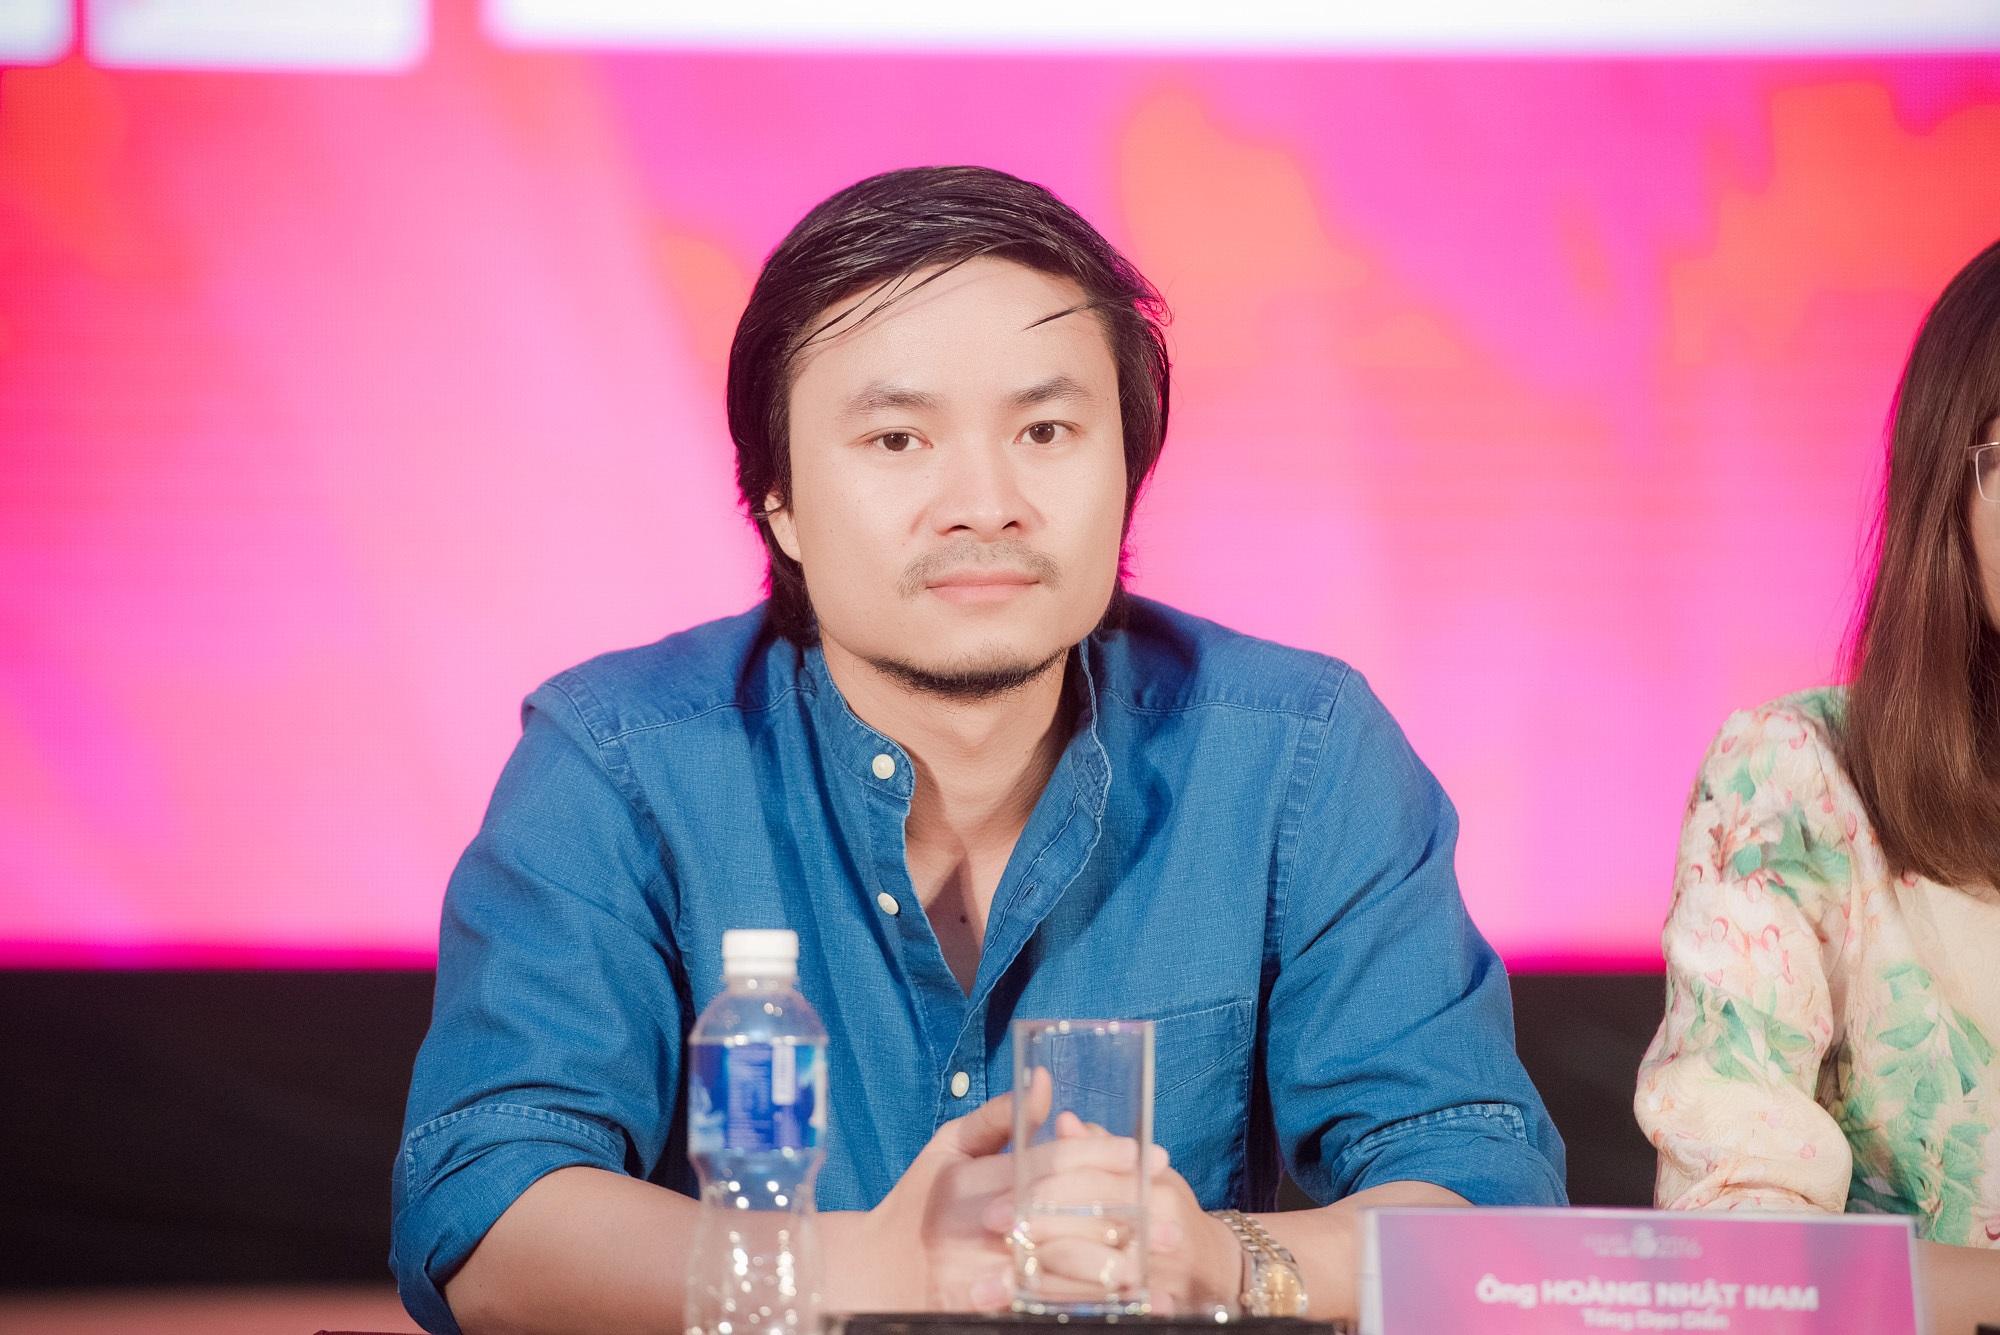 Đạo diễn Hoàng Nhật Nam chia sẻ những thông tin thú vị trong đêm chung khảo phía Nam, hứa hẹn nhiều tiết mục gây bất ngờ cho khán giả.